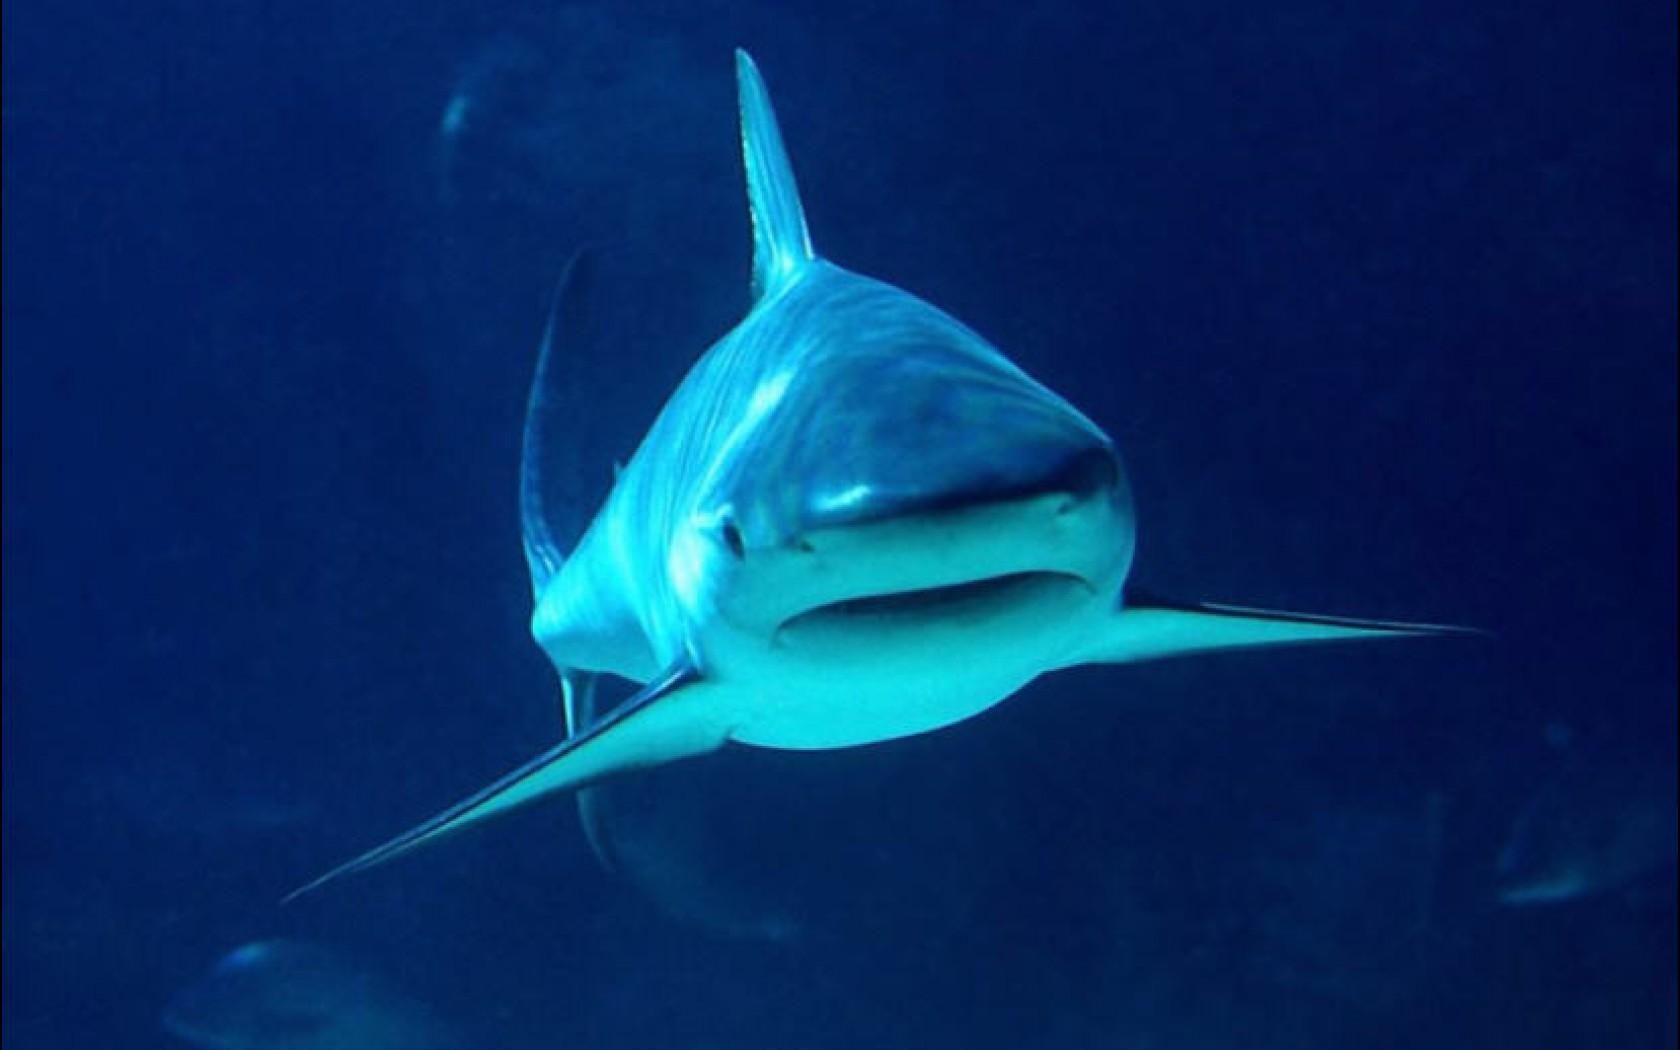 tiger shark wallpaper | 1680x1050 | #59191